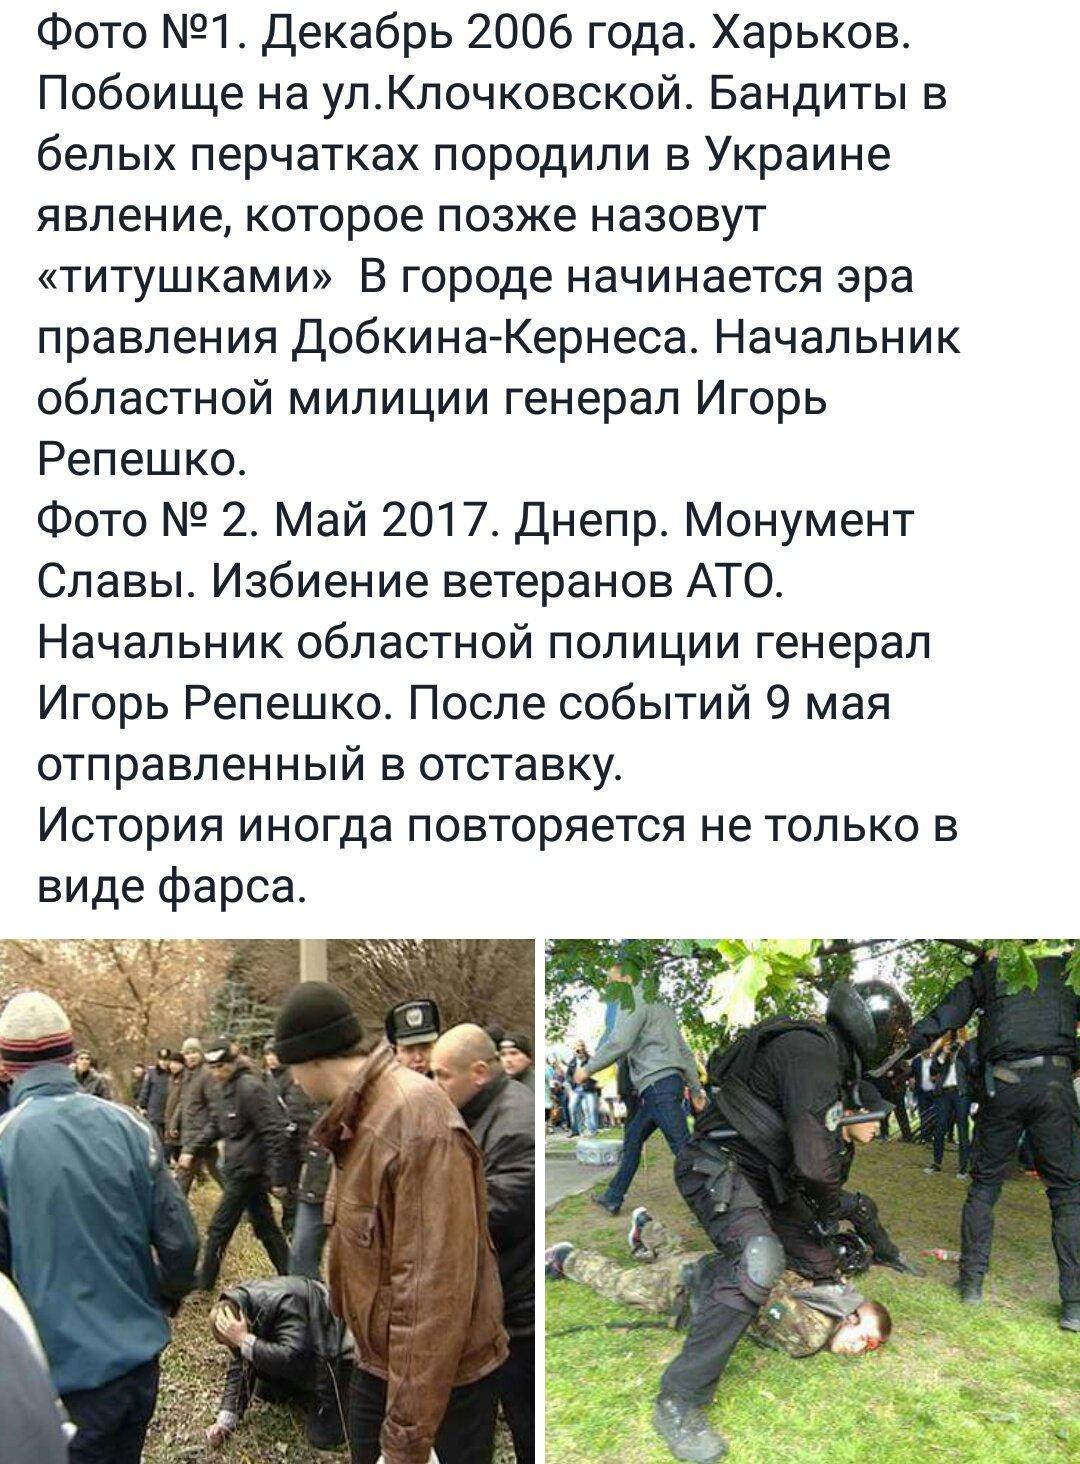 9 мая в Днепре произошло безосновательное применение мер полицейского принуждения, - Князев - Цензор.НЕТ 1664